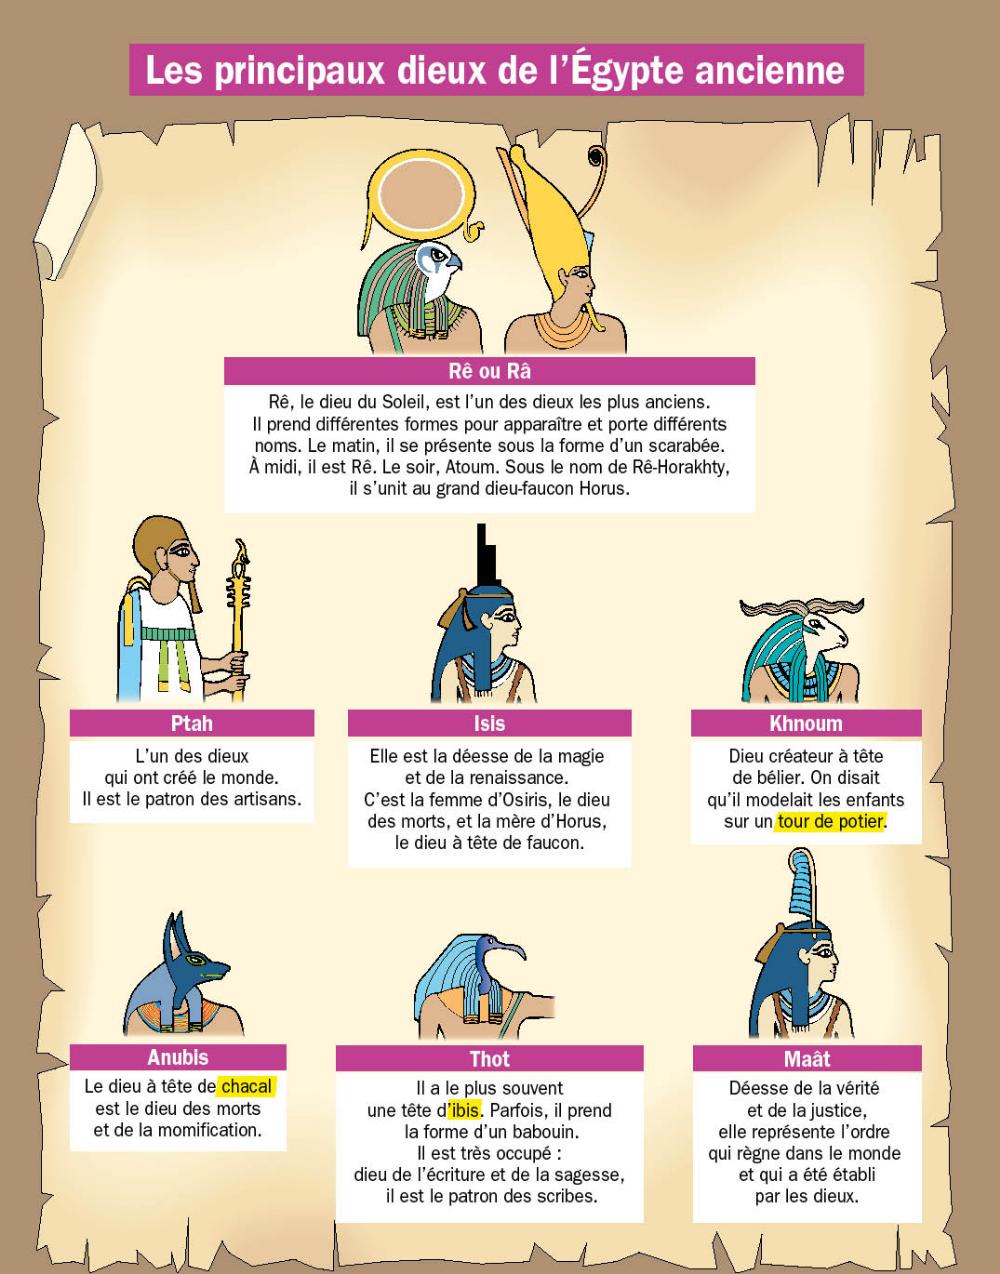 Les Principaux Dieux De L Egypte Ancienne Mon Quotidien Le Seul Journal D Actualite Pour Les Enfants Egypte Ancienne Pour Les Enfants Egypte Ancienne Egypte